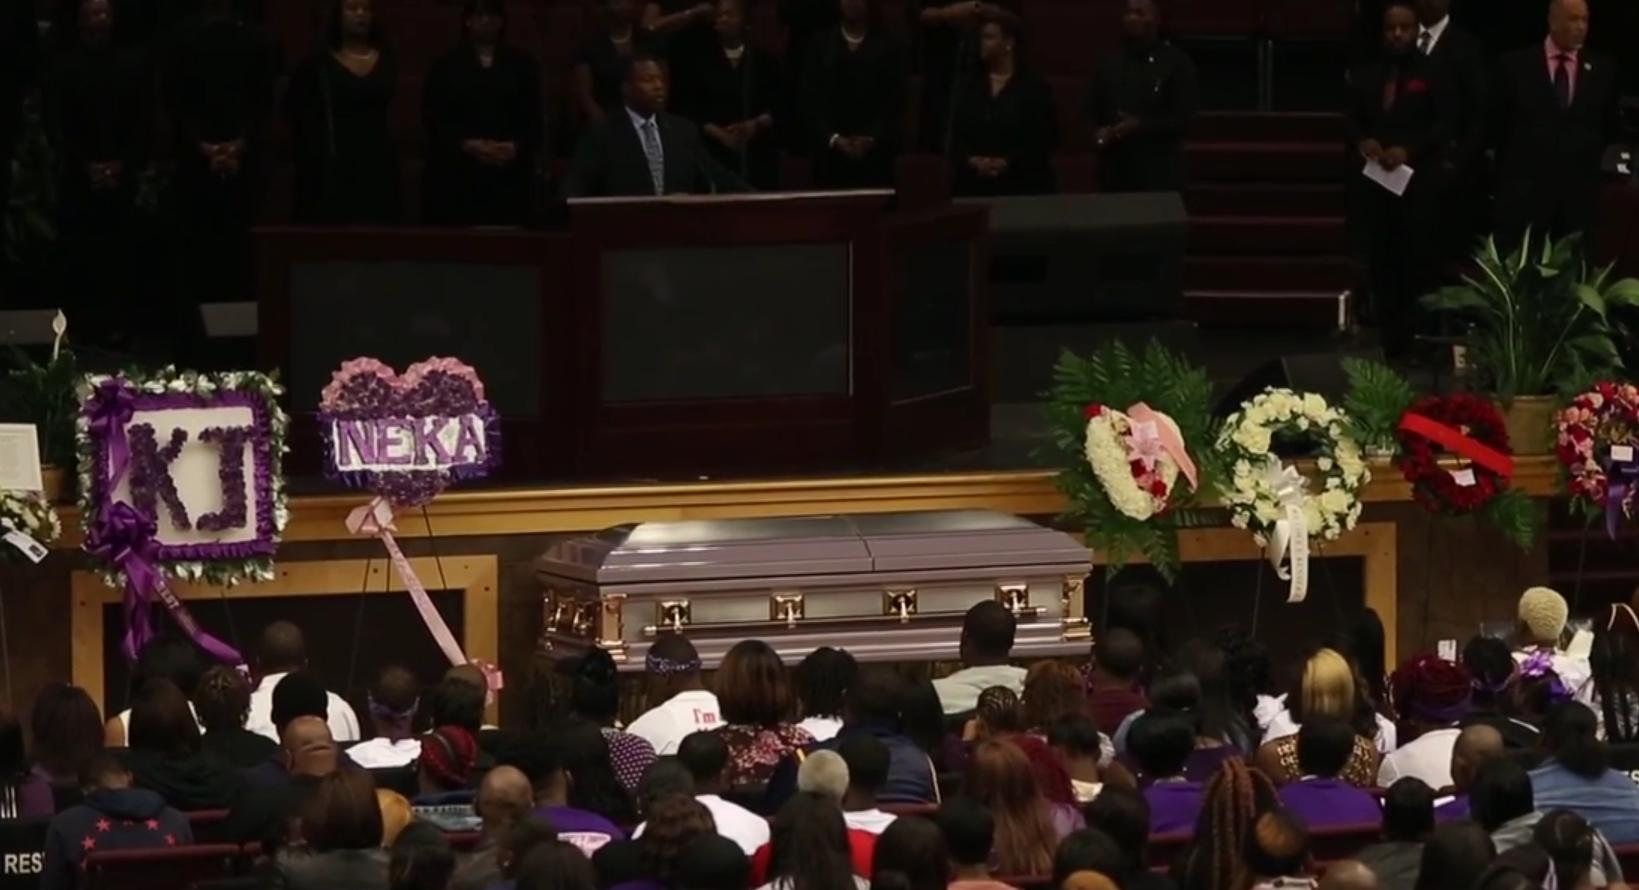 Kenneka Jenkins' funeral draws hundreds: 'It's heartbreaking